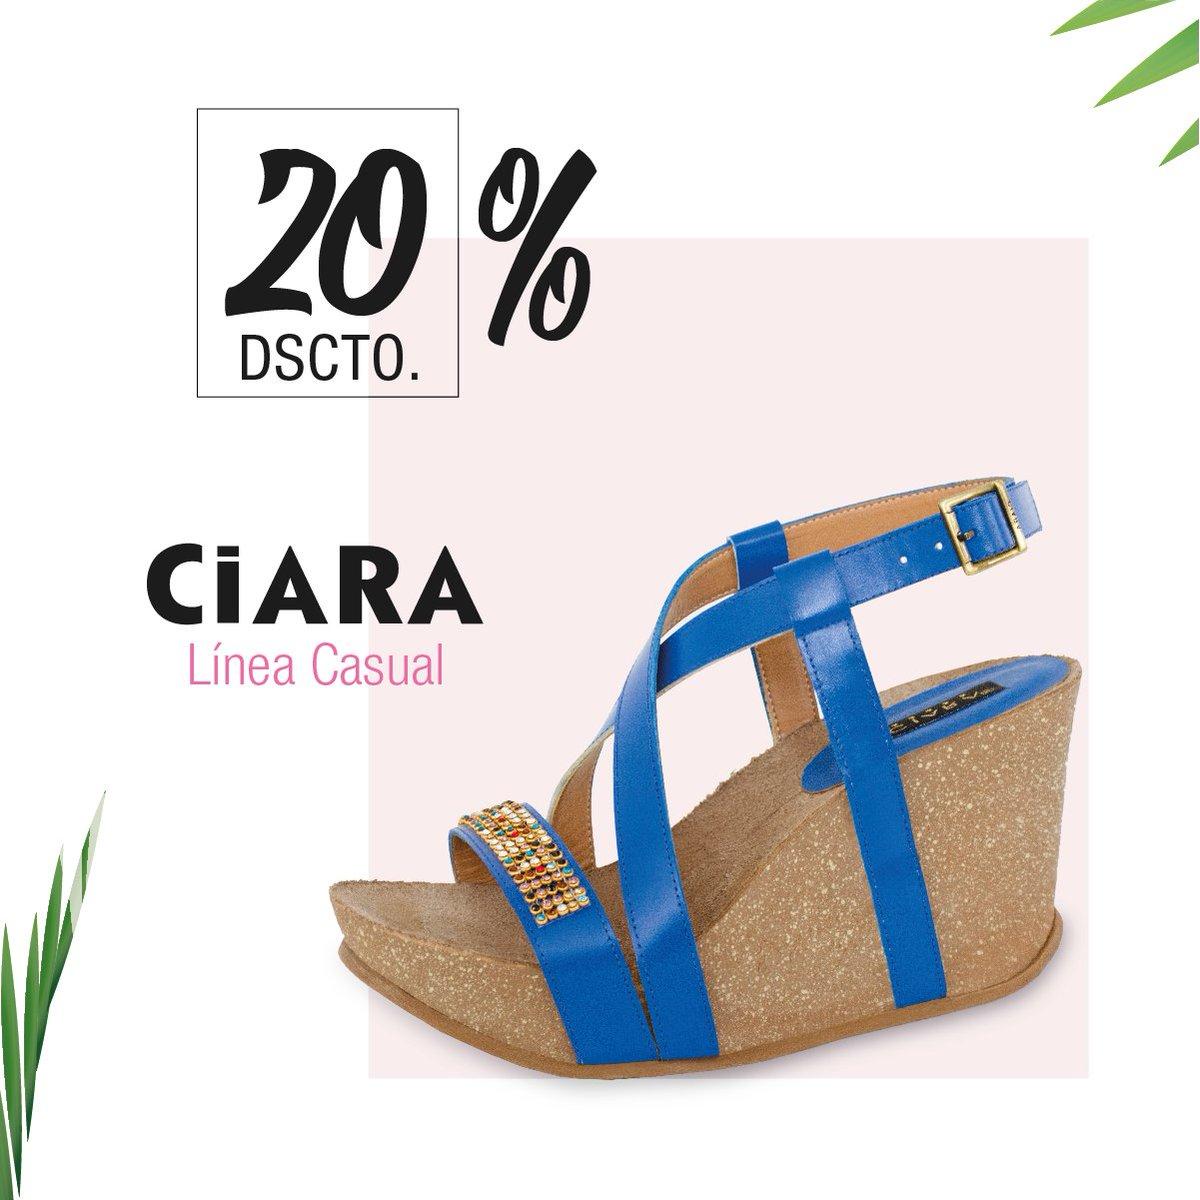 Azul de temporada en #CiaraCalzados 20% DE DESCUENTO hasta agotar Stock en todas nuestras tiendas. #DescuentosDeVerano 😊 😍